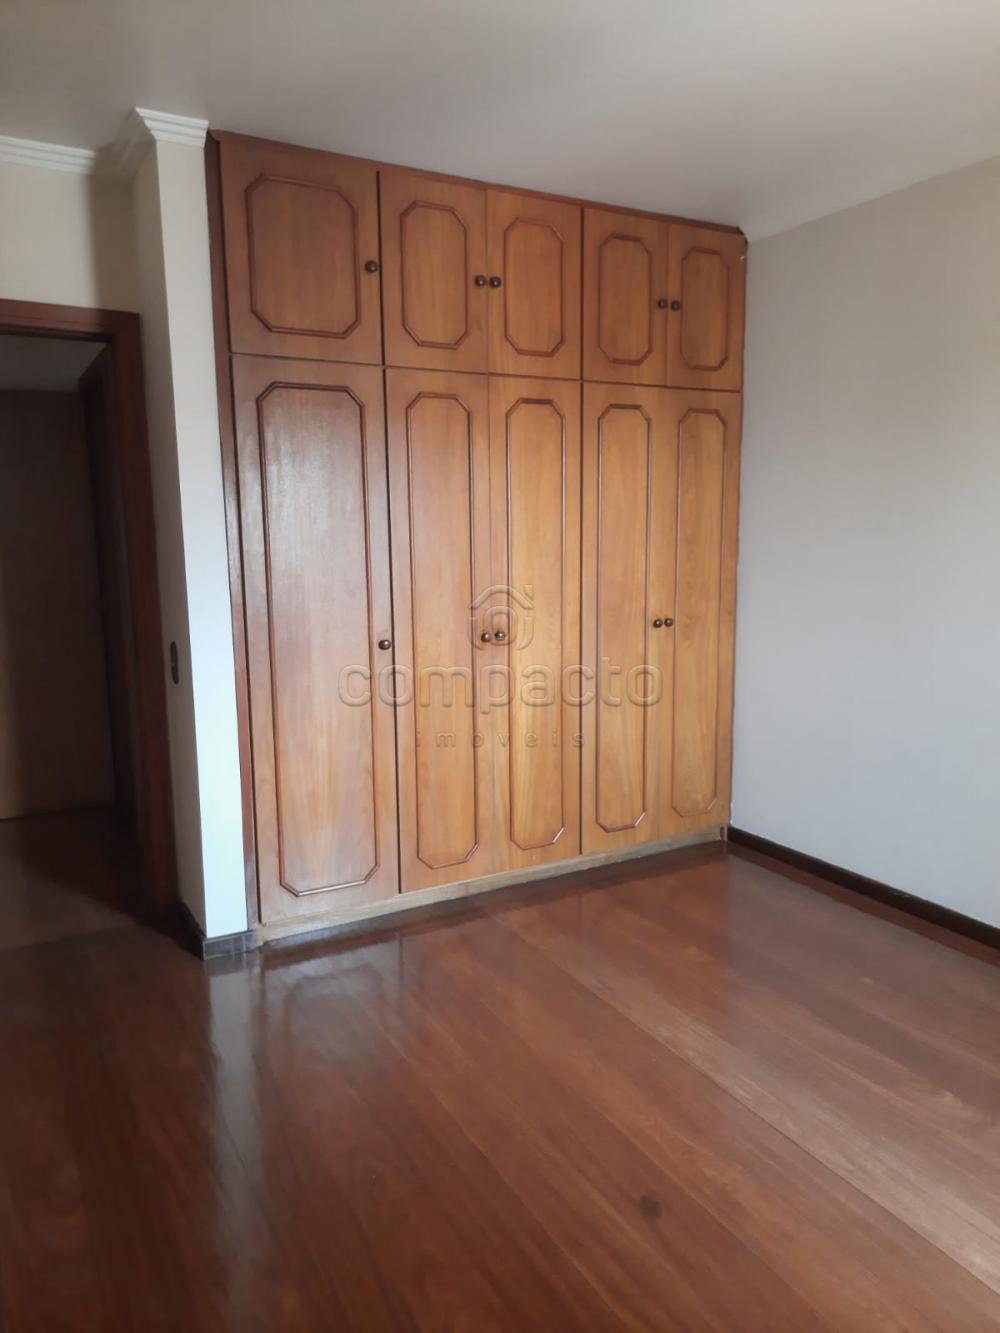 Alugar Apartamento / Padrão em São José do Rio Preto R$ 2.000,00 - Foto 17